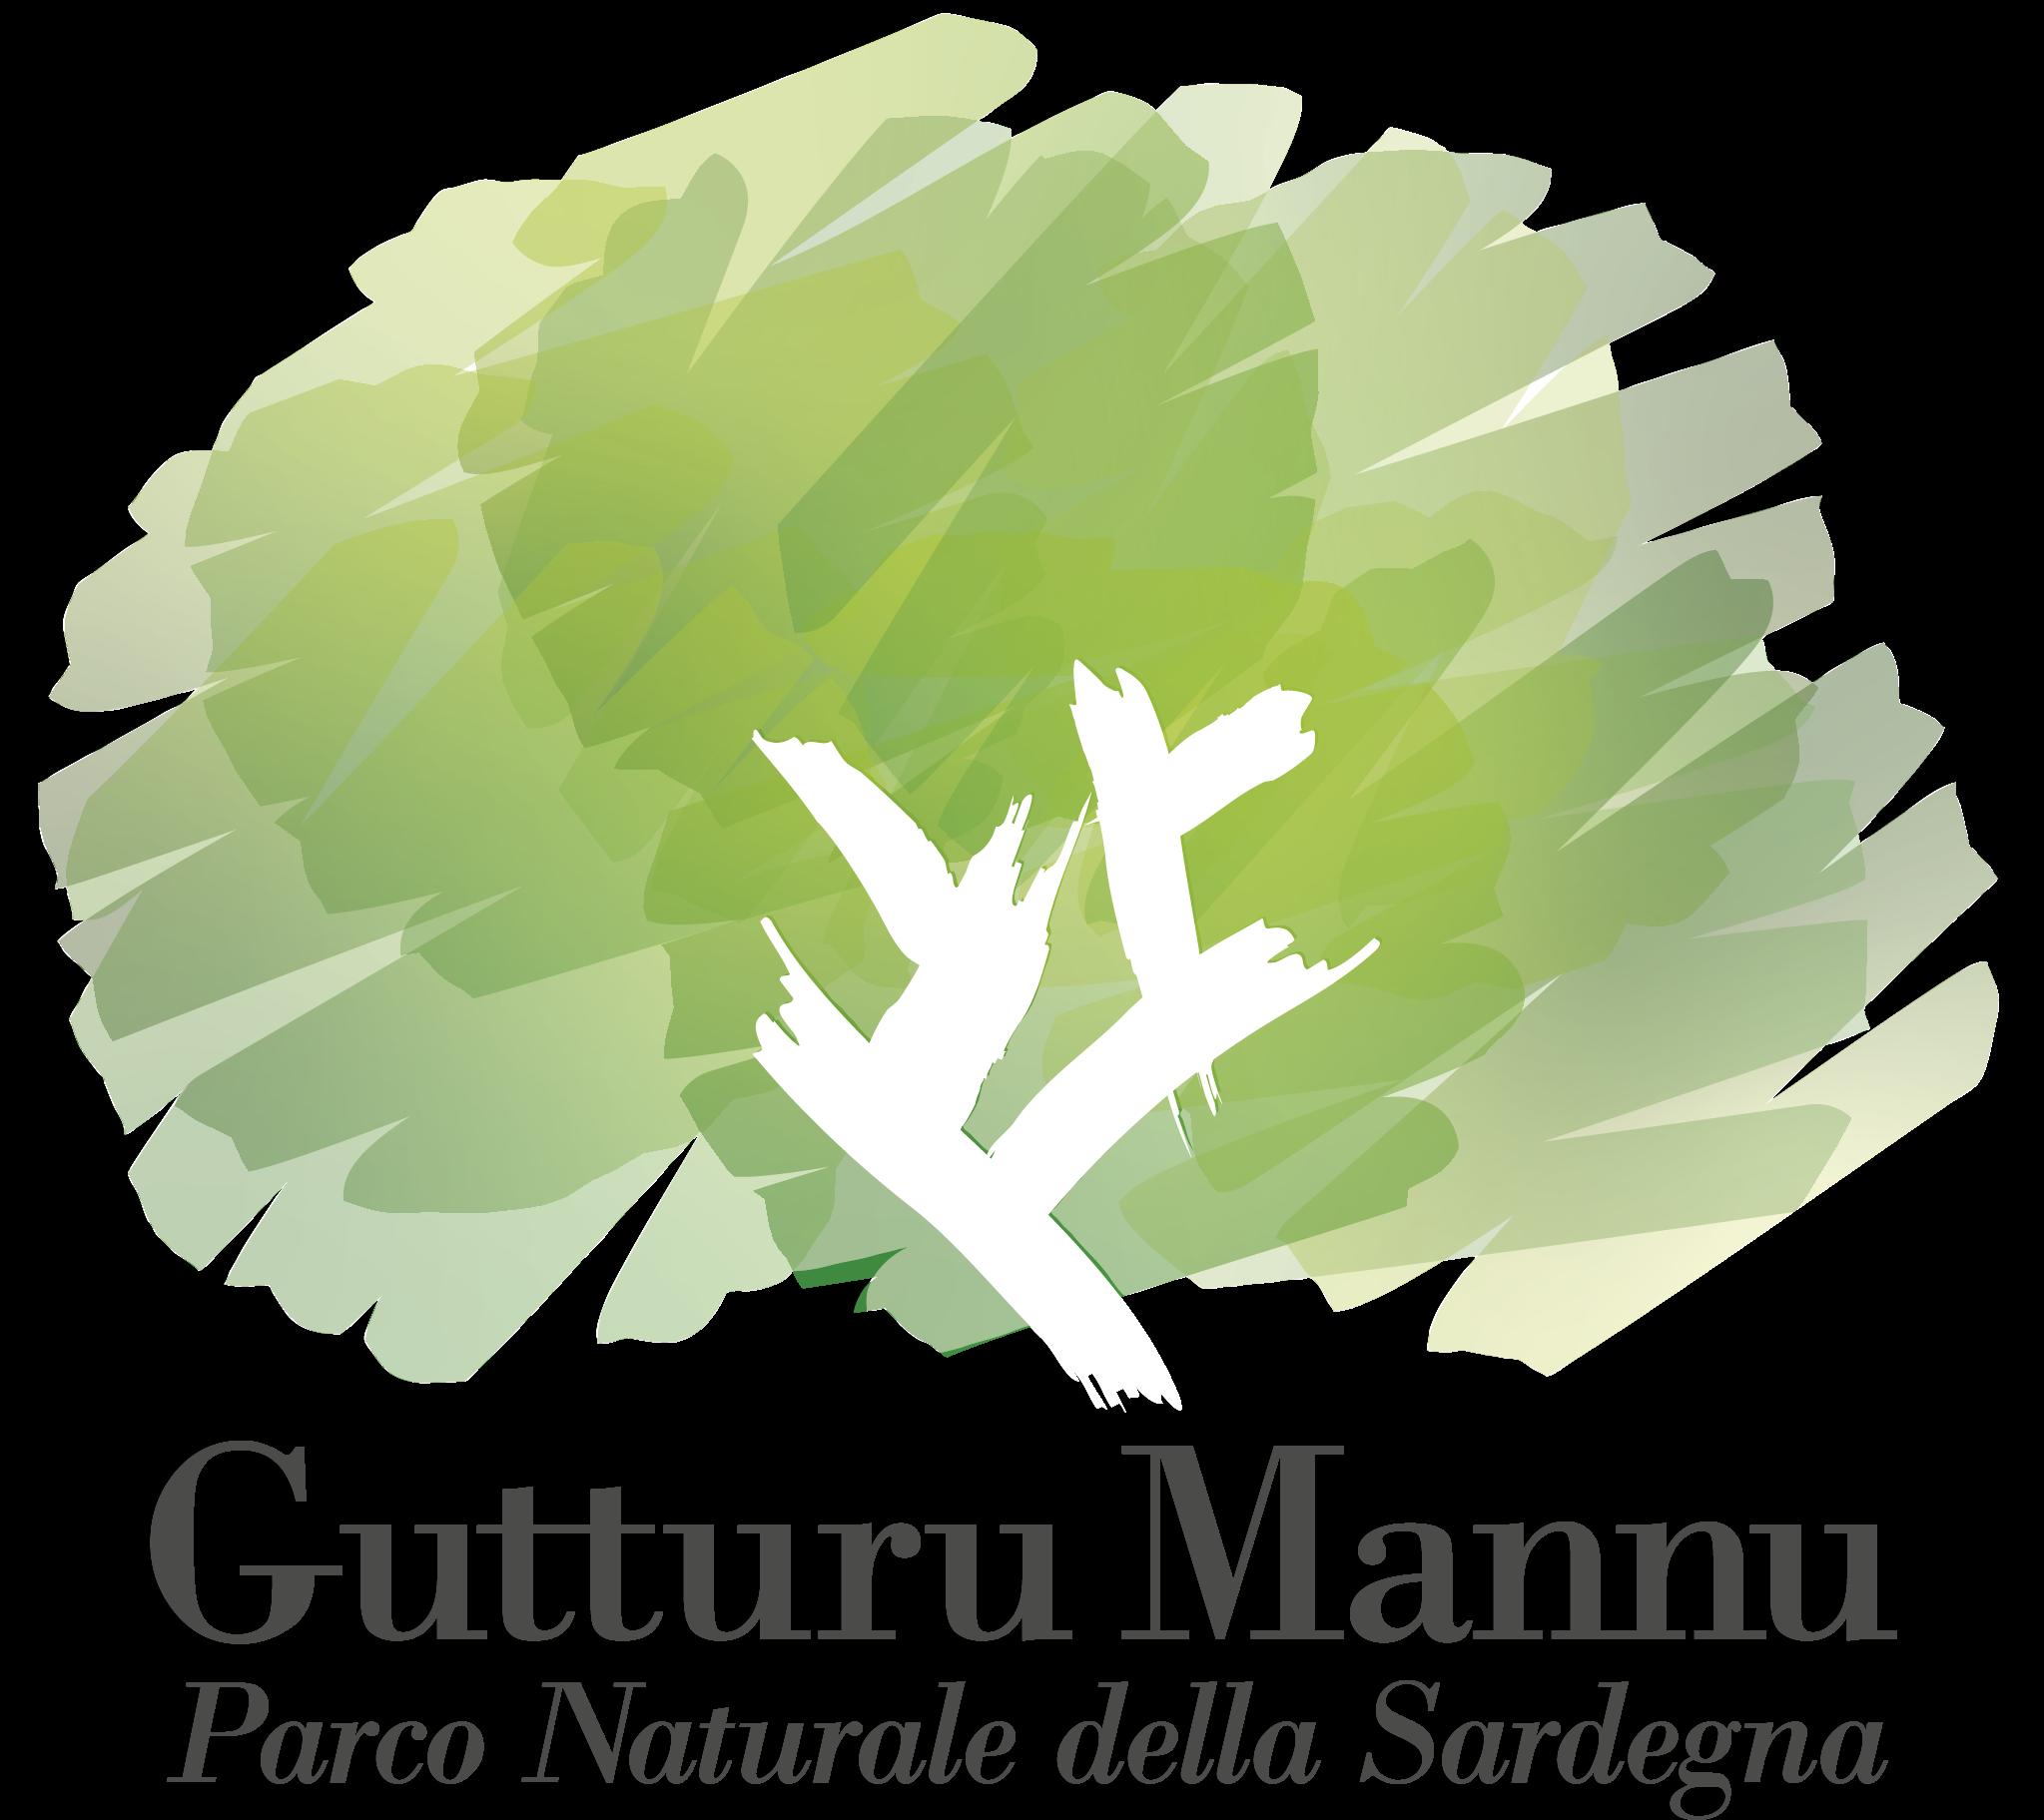 Gutturu Mannu | Parco Naturale della Sardegna